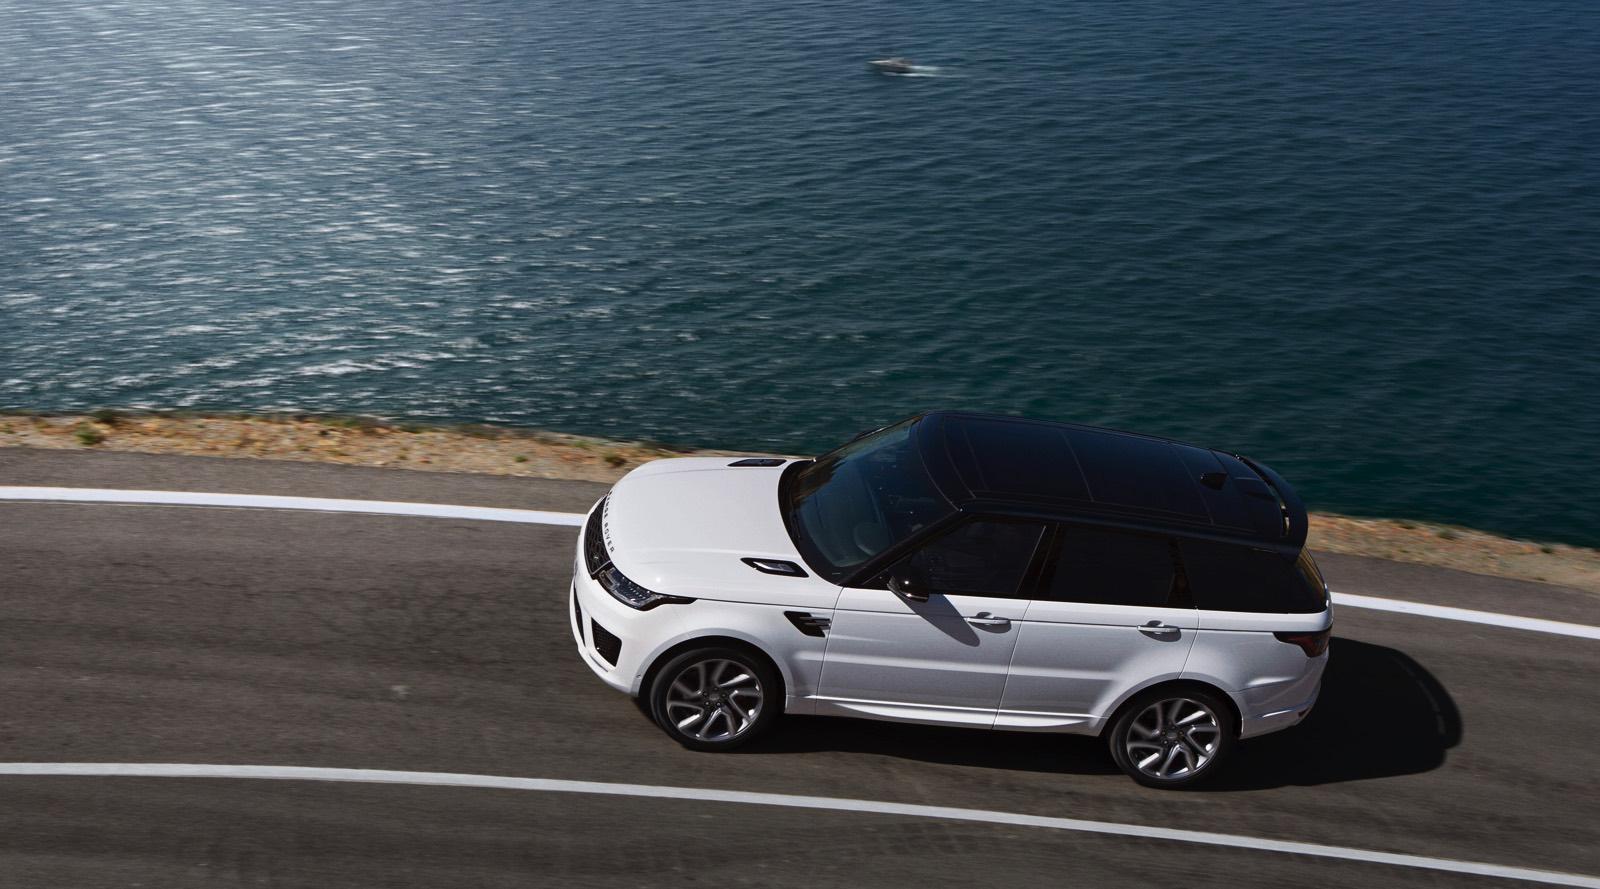 Coches hibridos enchufables con mas maletero Range Rover Sport PHEV